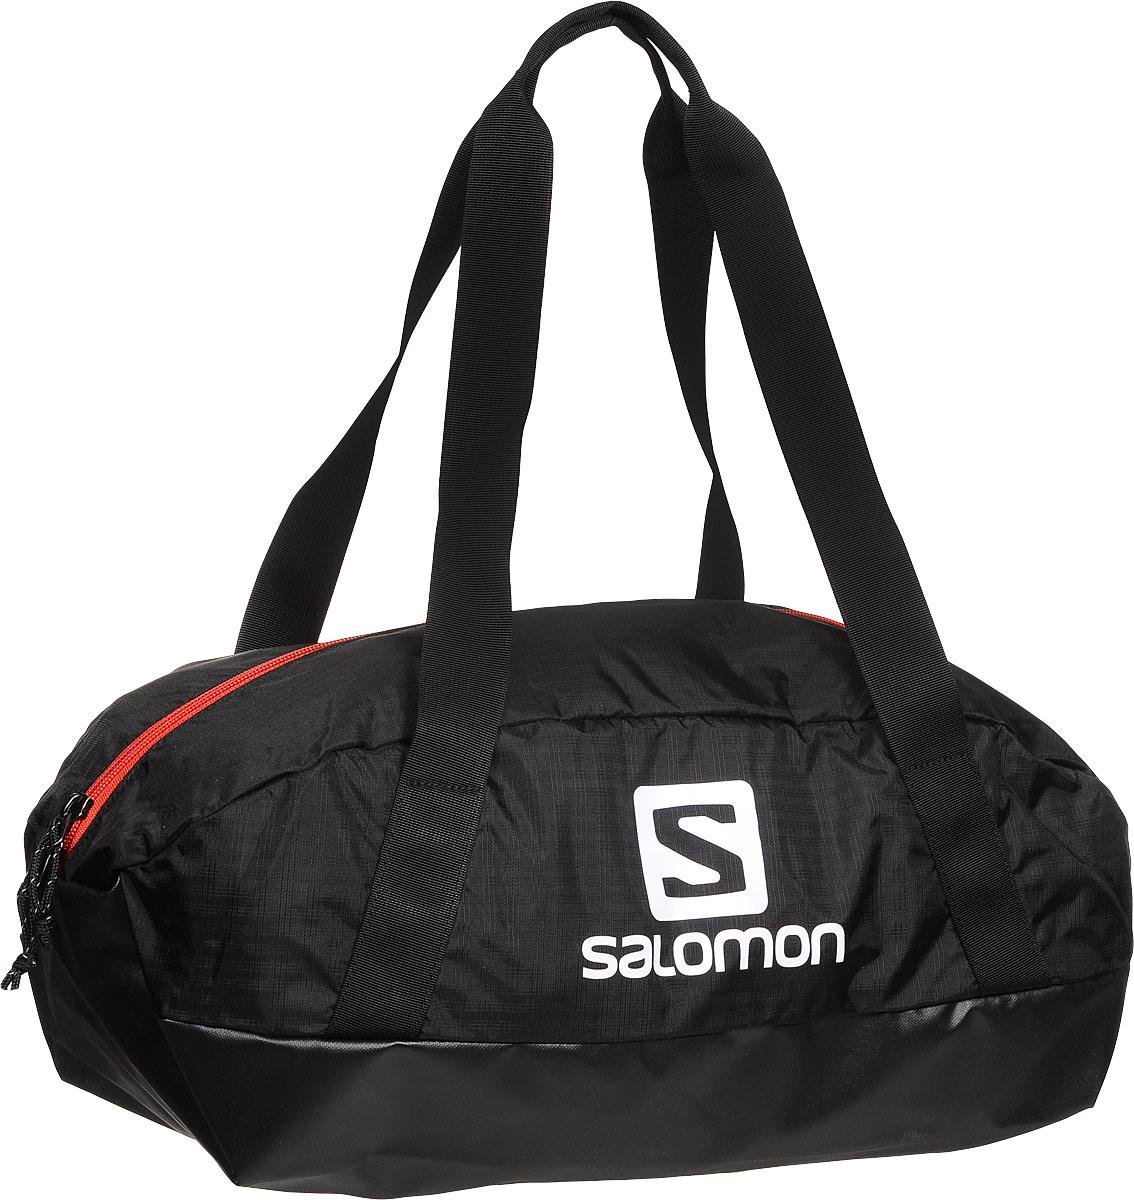 Сумка спортивная Salomon Prolog 25 Bag, цвет: черный, 25 л. L38002300L38002300Сумка Salomon Prolog 25 Bag выполнена из качественного полиэстера и оформлена принтом с изображением логотипа бренда. Сумка оснащена удобными ручками и закрывается на удобную застежку-молнию. Внутри расположено вместительное отделение, которое содержит небольшой вшитый карман на молнии для мелочей.